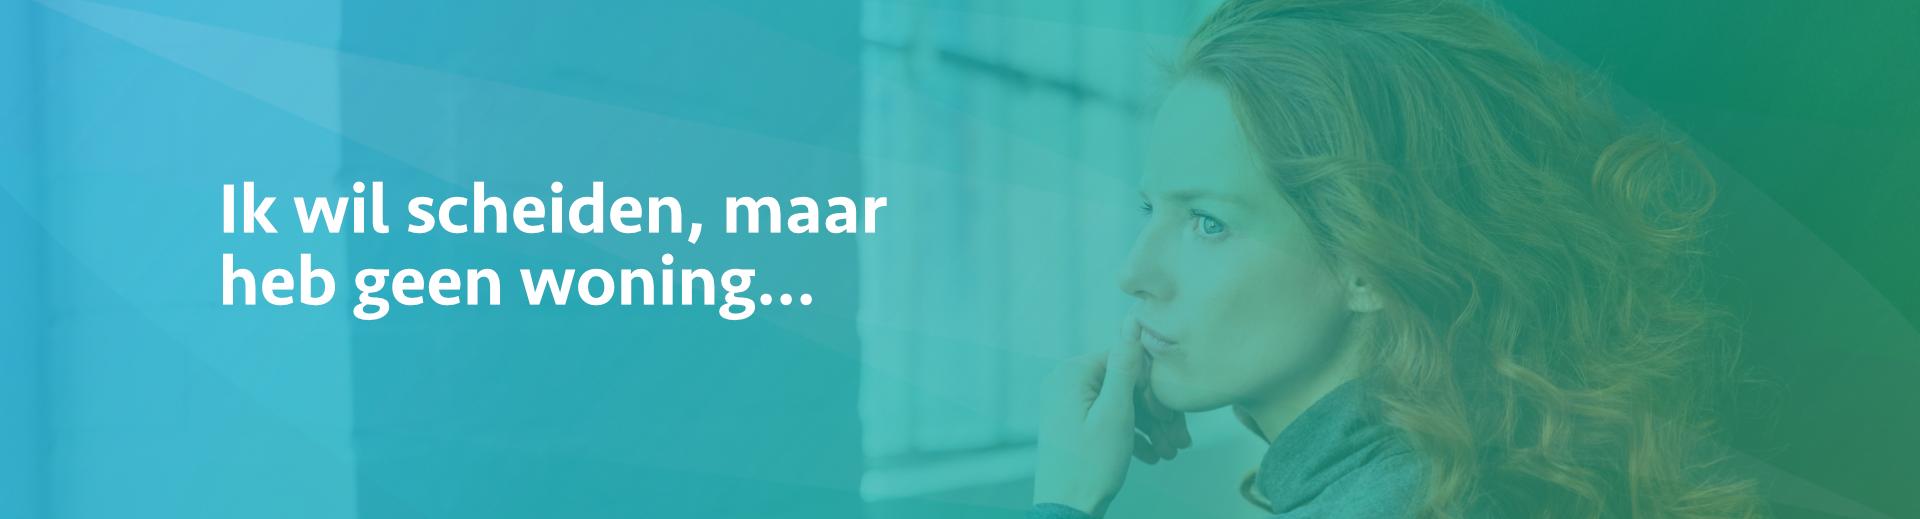 ik wil scheiden maar heb geen woning - Scheidingsplanner Den Haag & Rijswijk